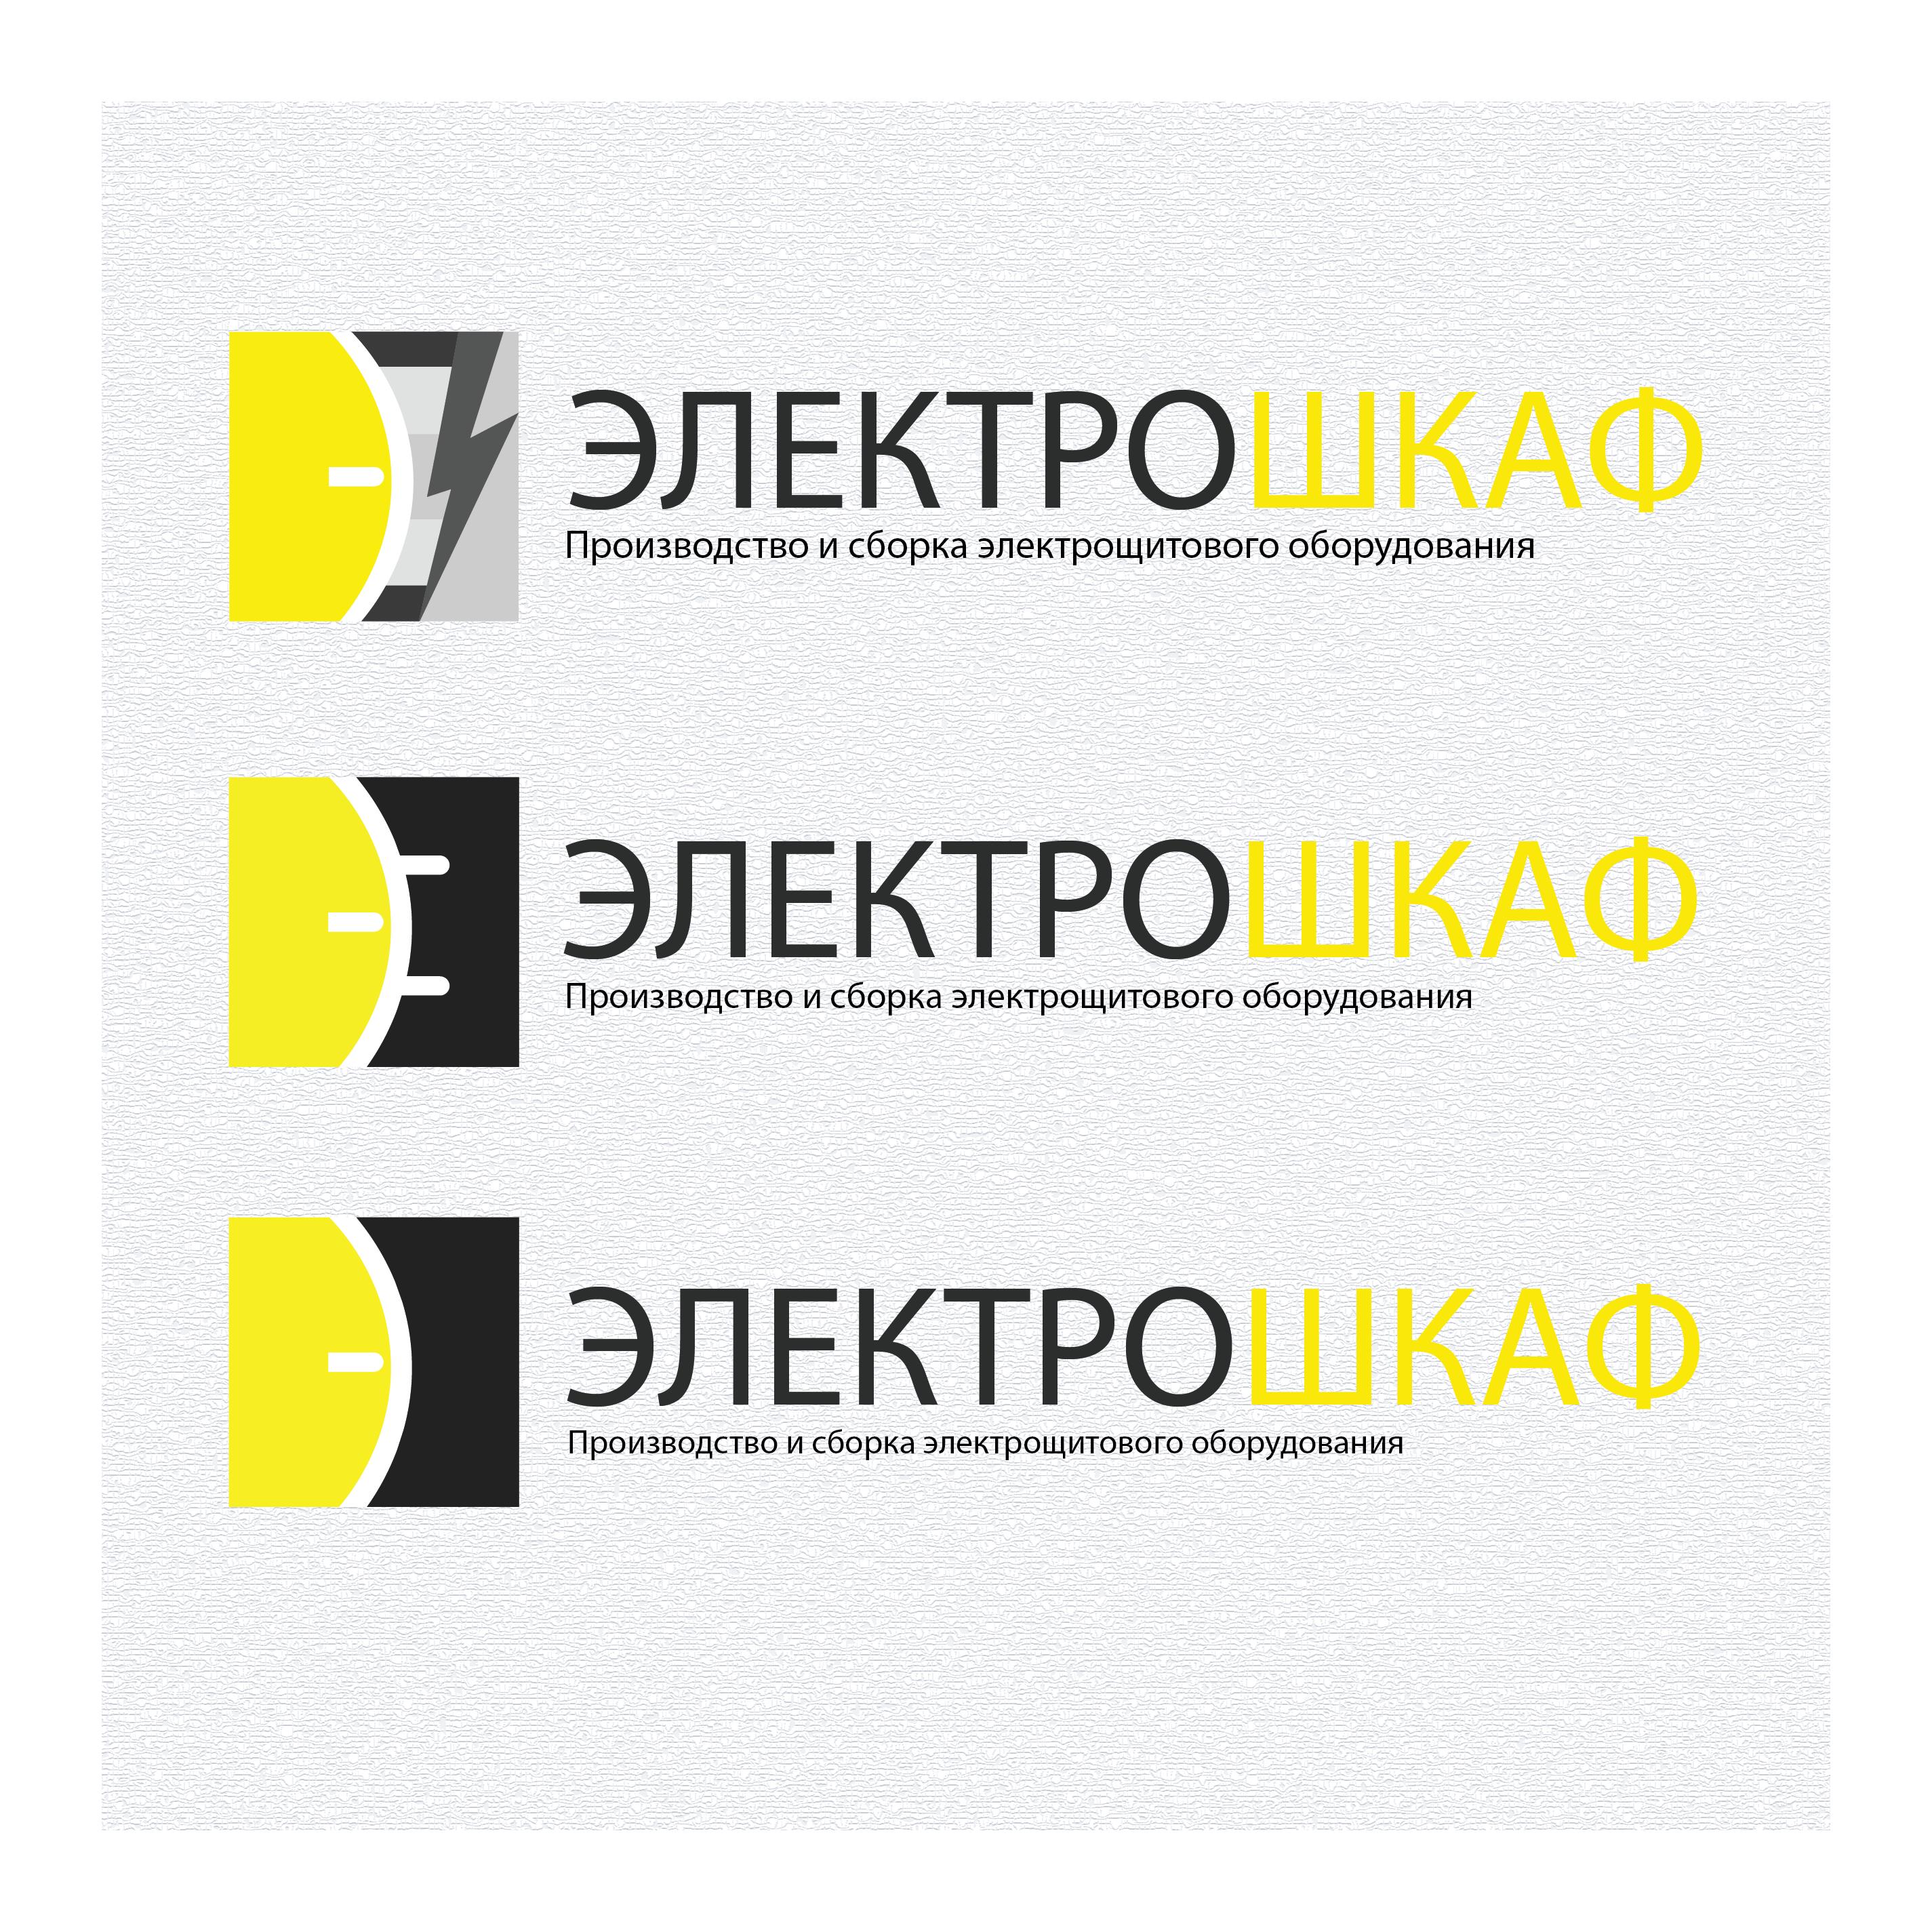 Разработать логотип для завода по производству электрощитов фото f_8105b70084460fd8.png